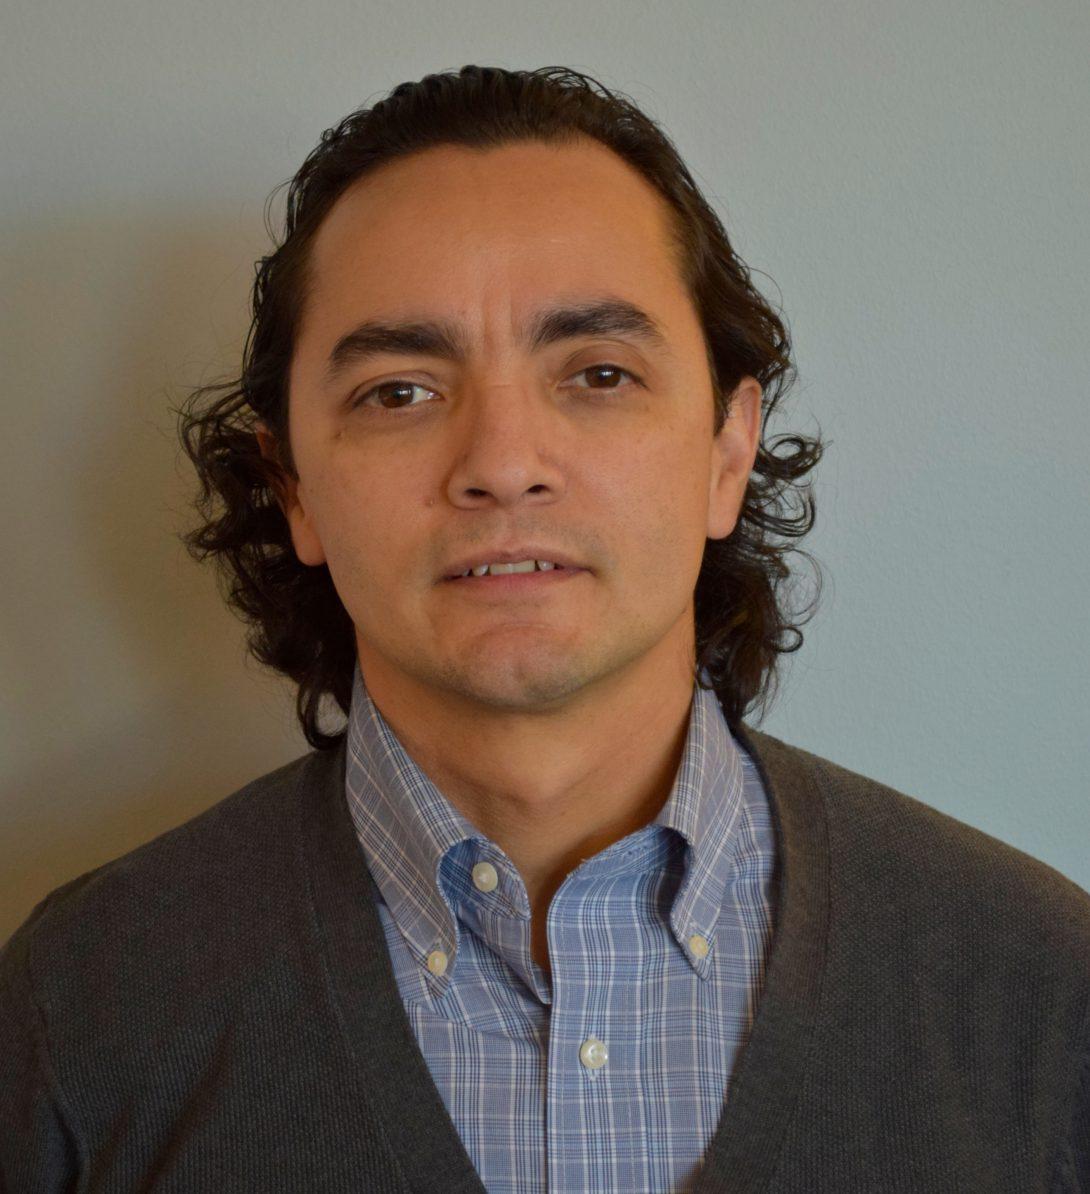 Julio Mendez